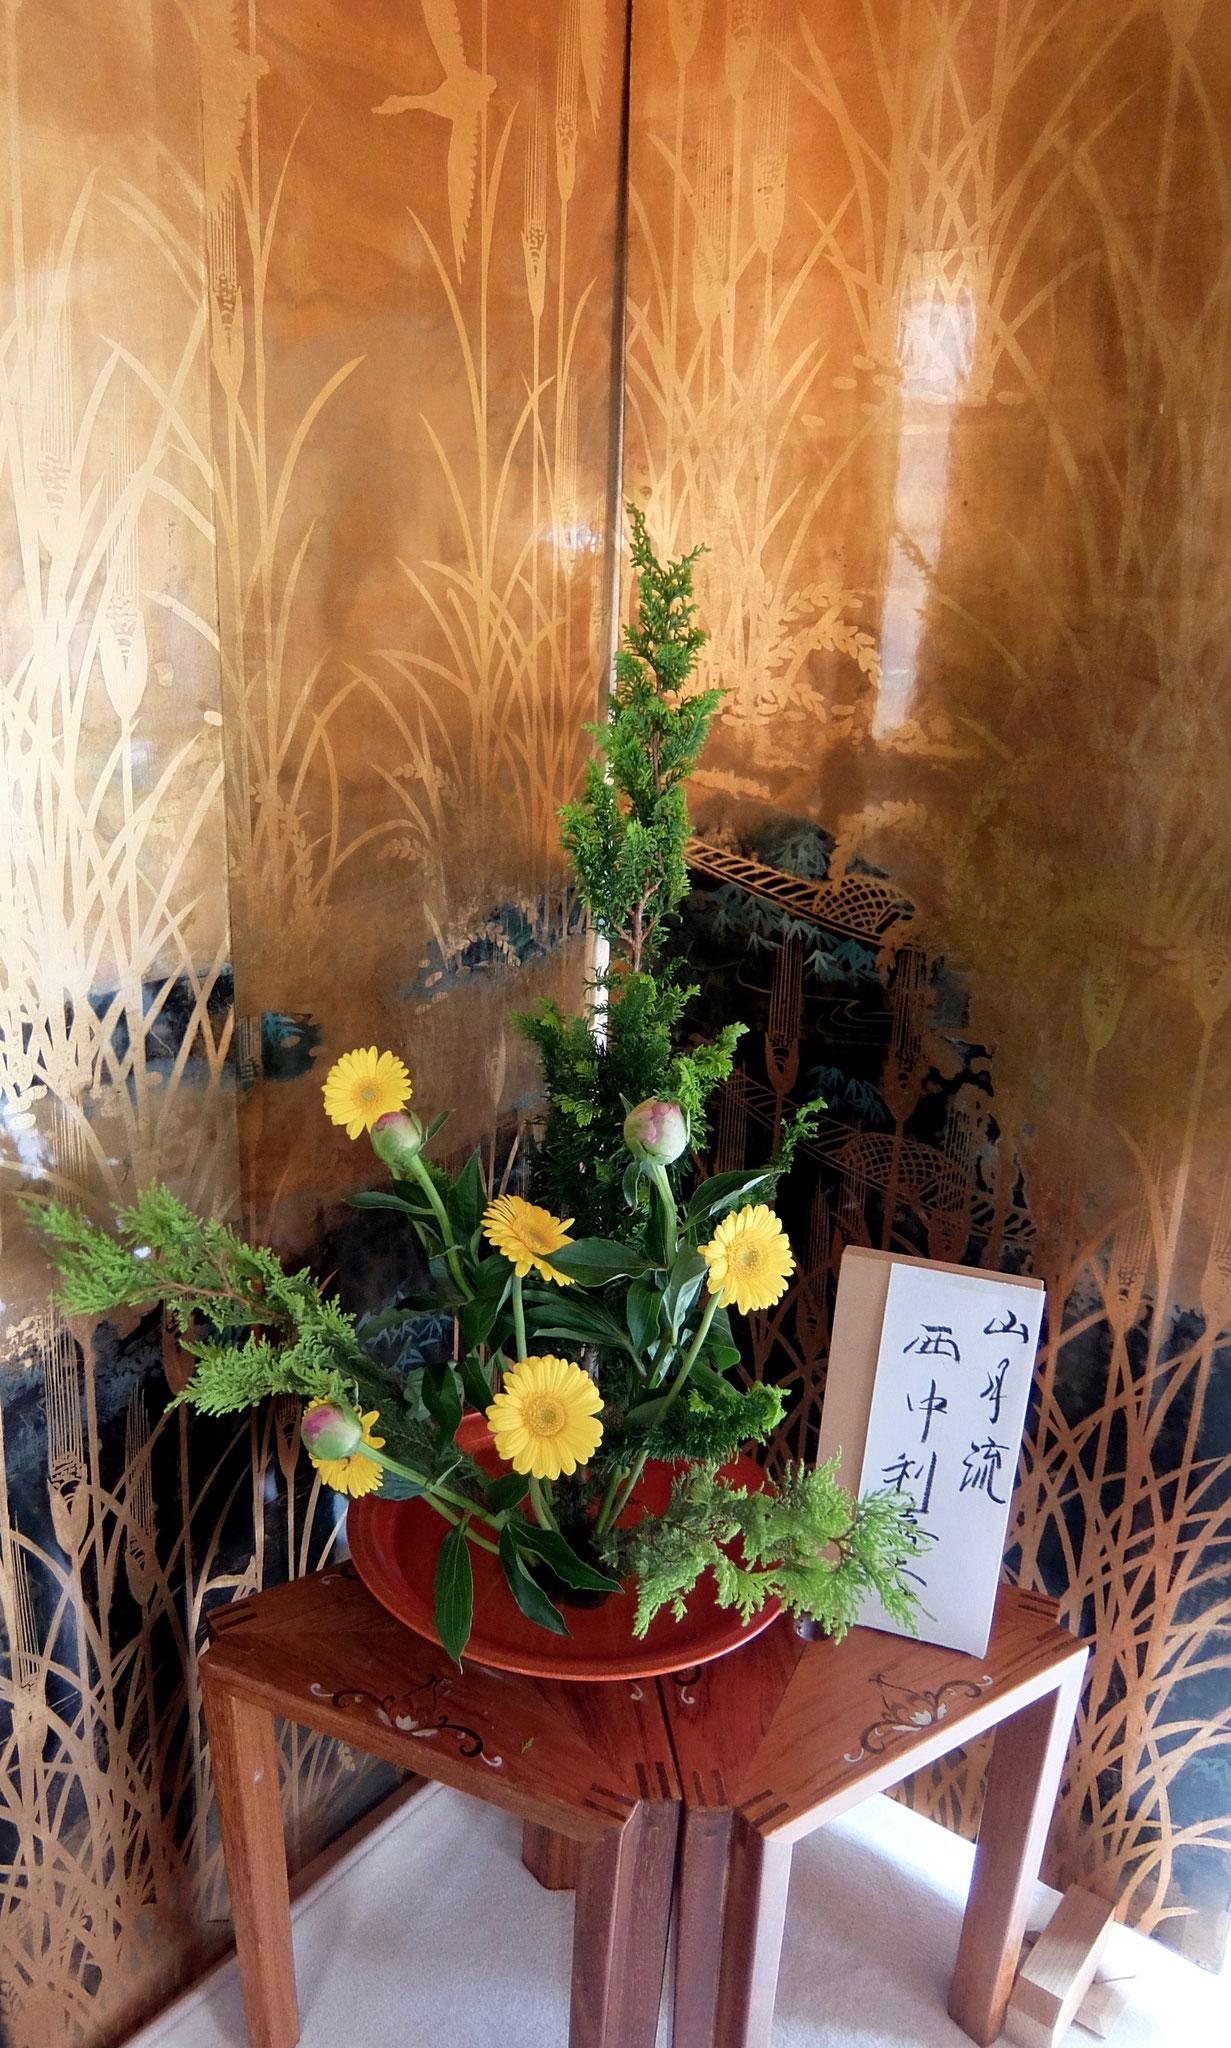 孔雀檜葉 芍薬 ガーベラ 西中利喜夫